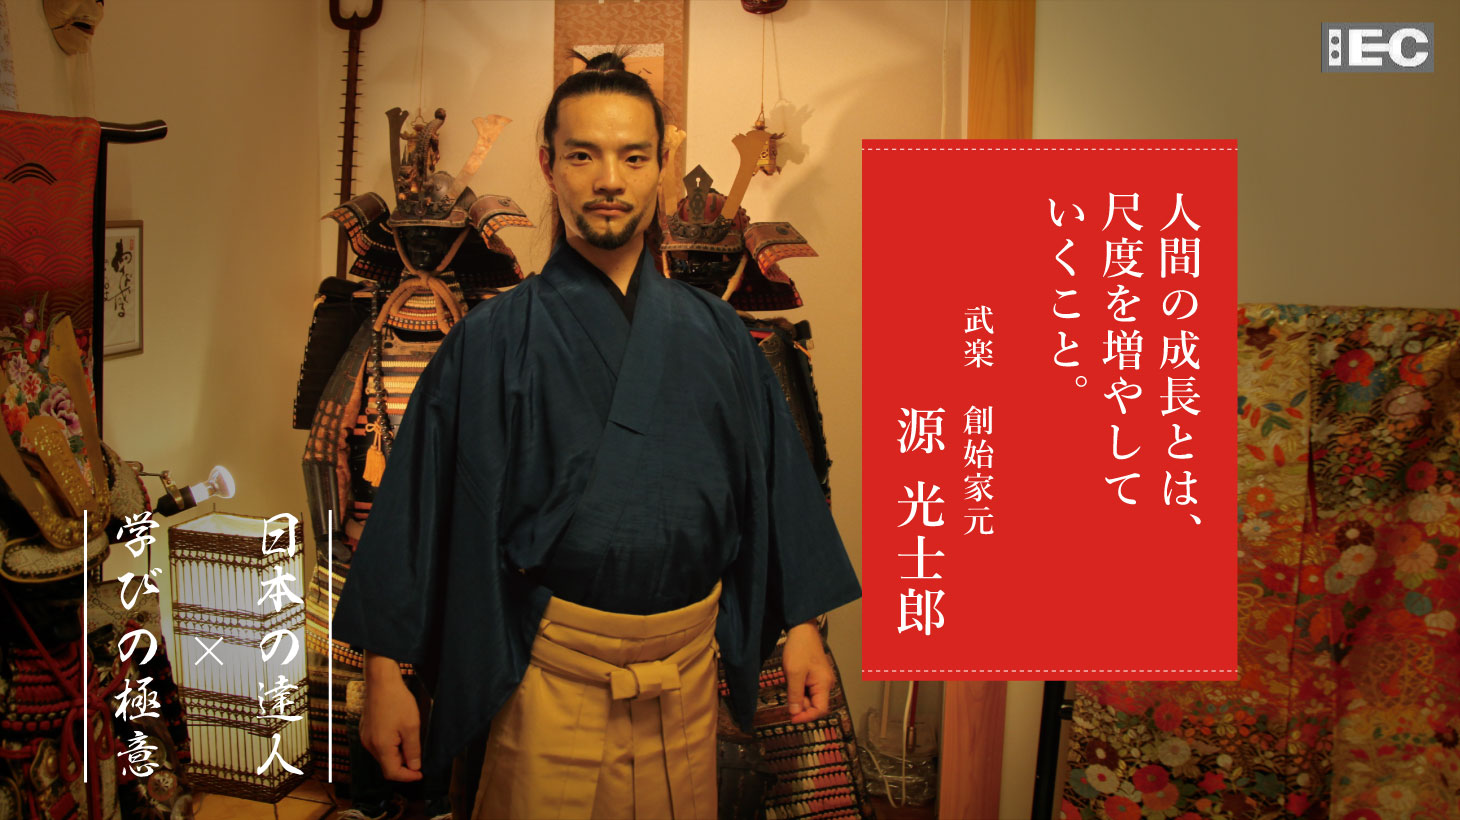 日本の達人 源光士郎氏